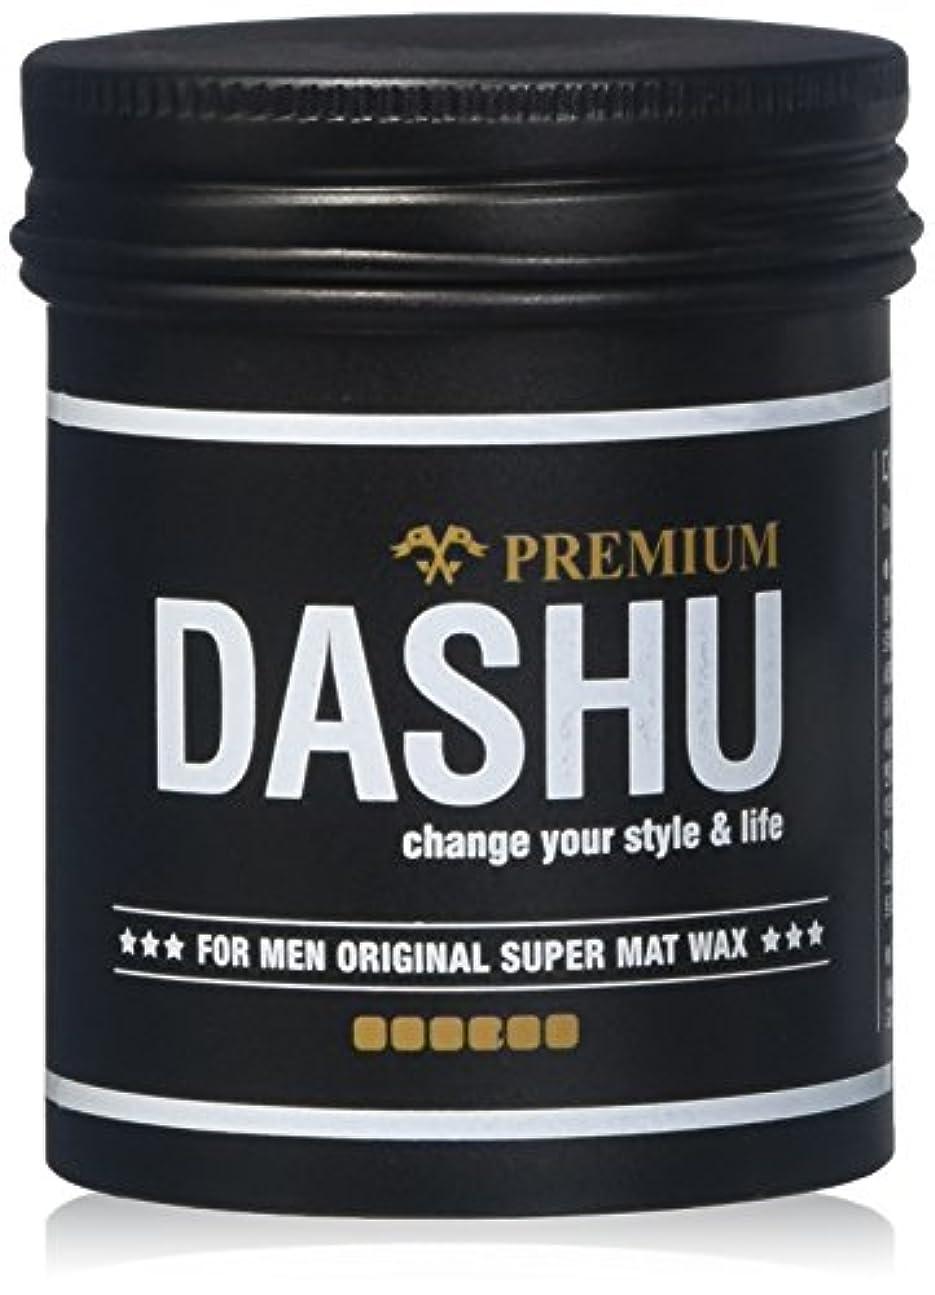 パックファンブルシーズン[DASHU] ダシュ For Men男性用 オリジナルプレミアムスーパーマットワックス Original Premium Super Mat Wax 100ml / 韓国製 . 韓国直送品